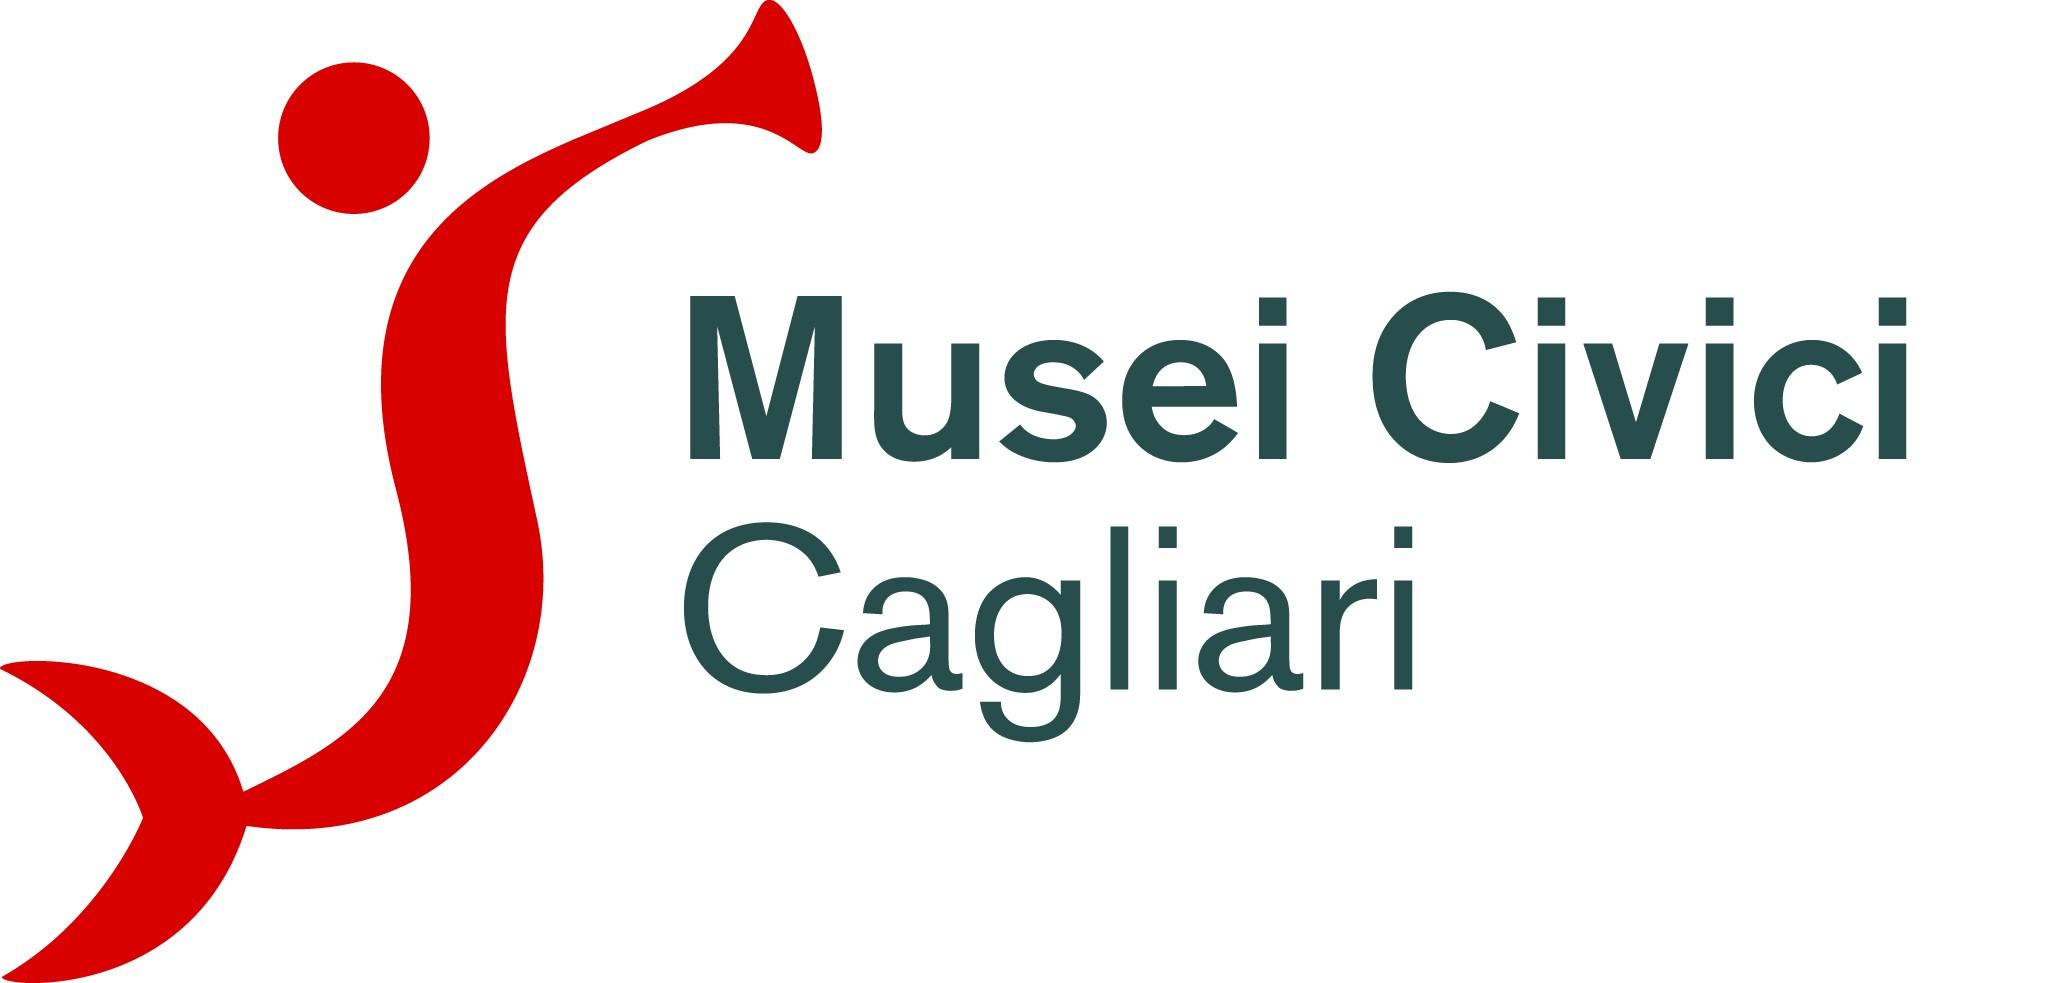 Musei Civici di Cagliari Galleria Comunale d'Arte Musei in Musica 2015